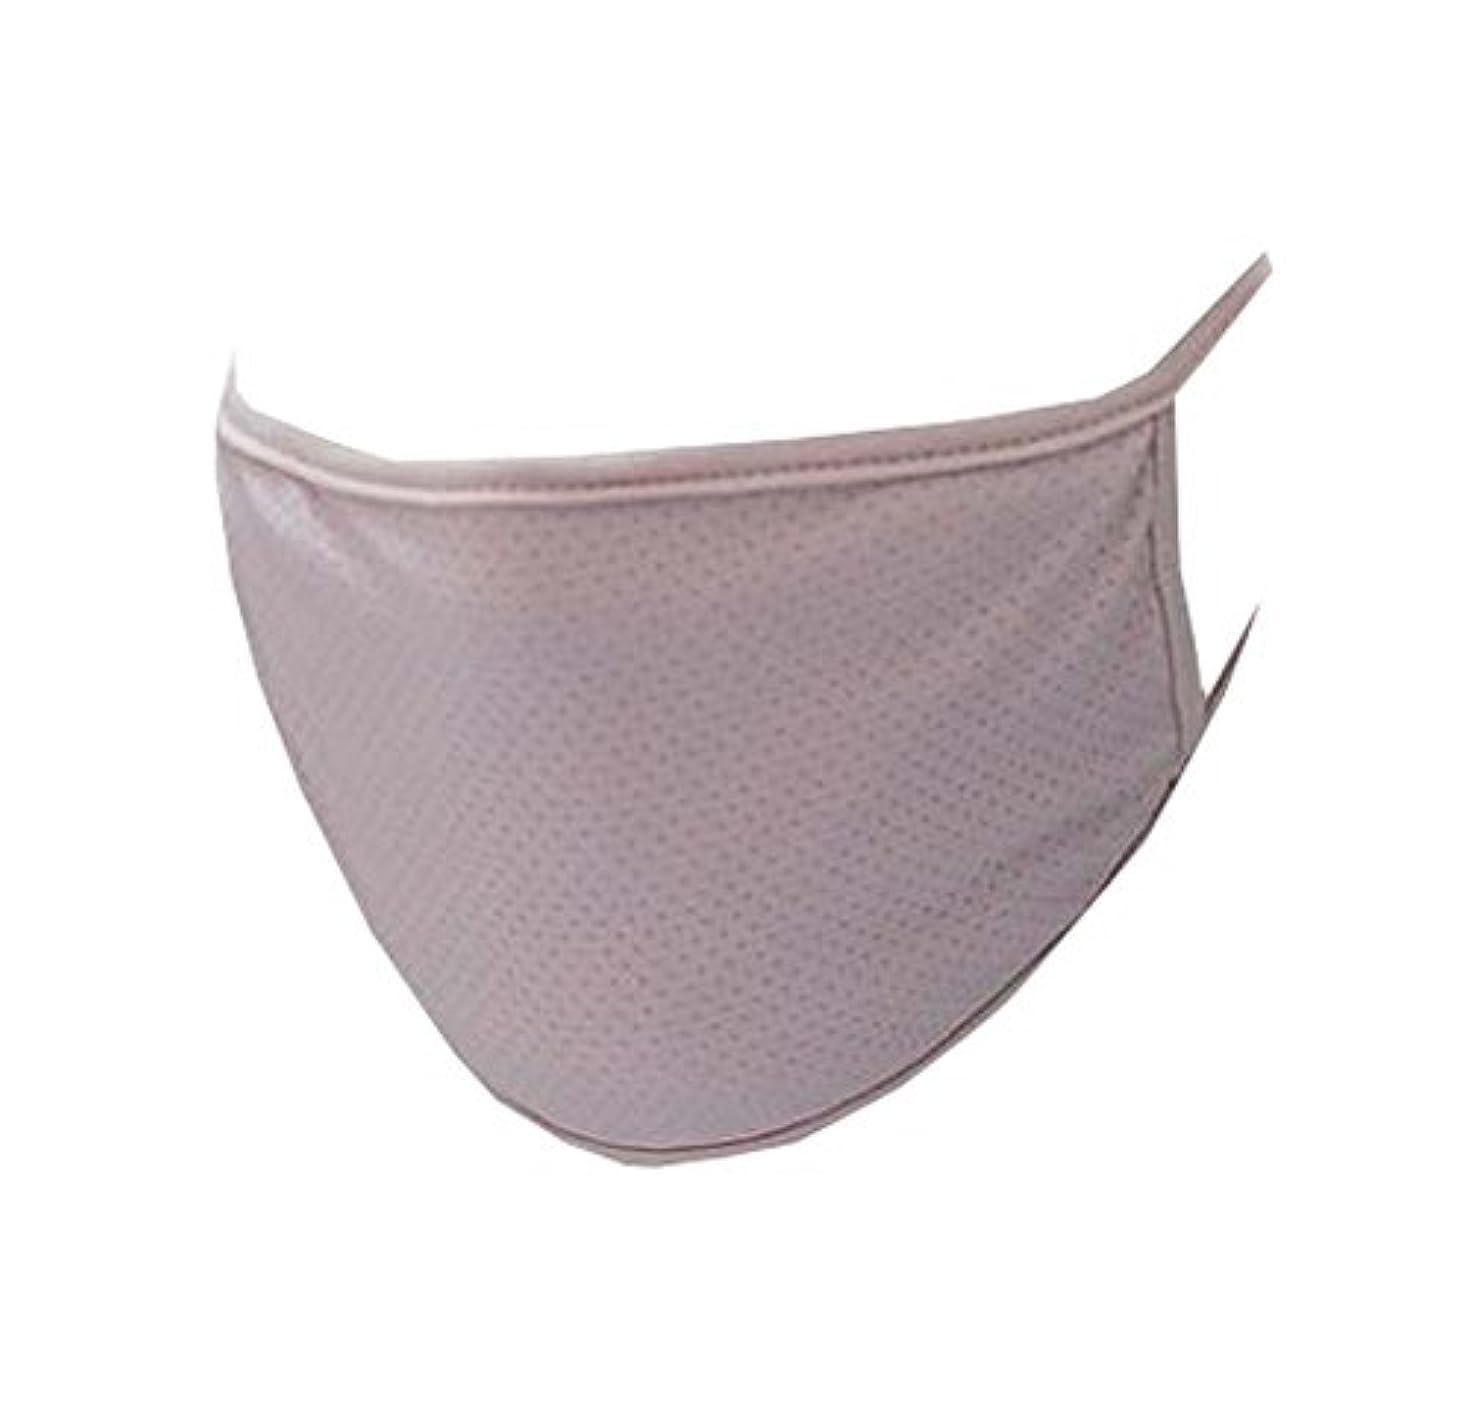 外側非公式部分的口マスク、再使用可能フィルター - 埃、花粉、アレルゲン、抗UV、およびインフルエンザ菌 - F